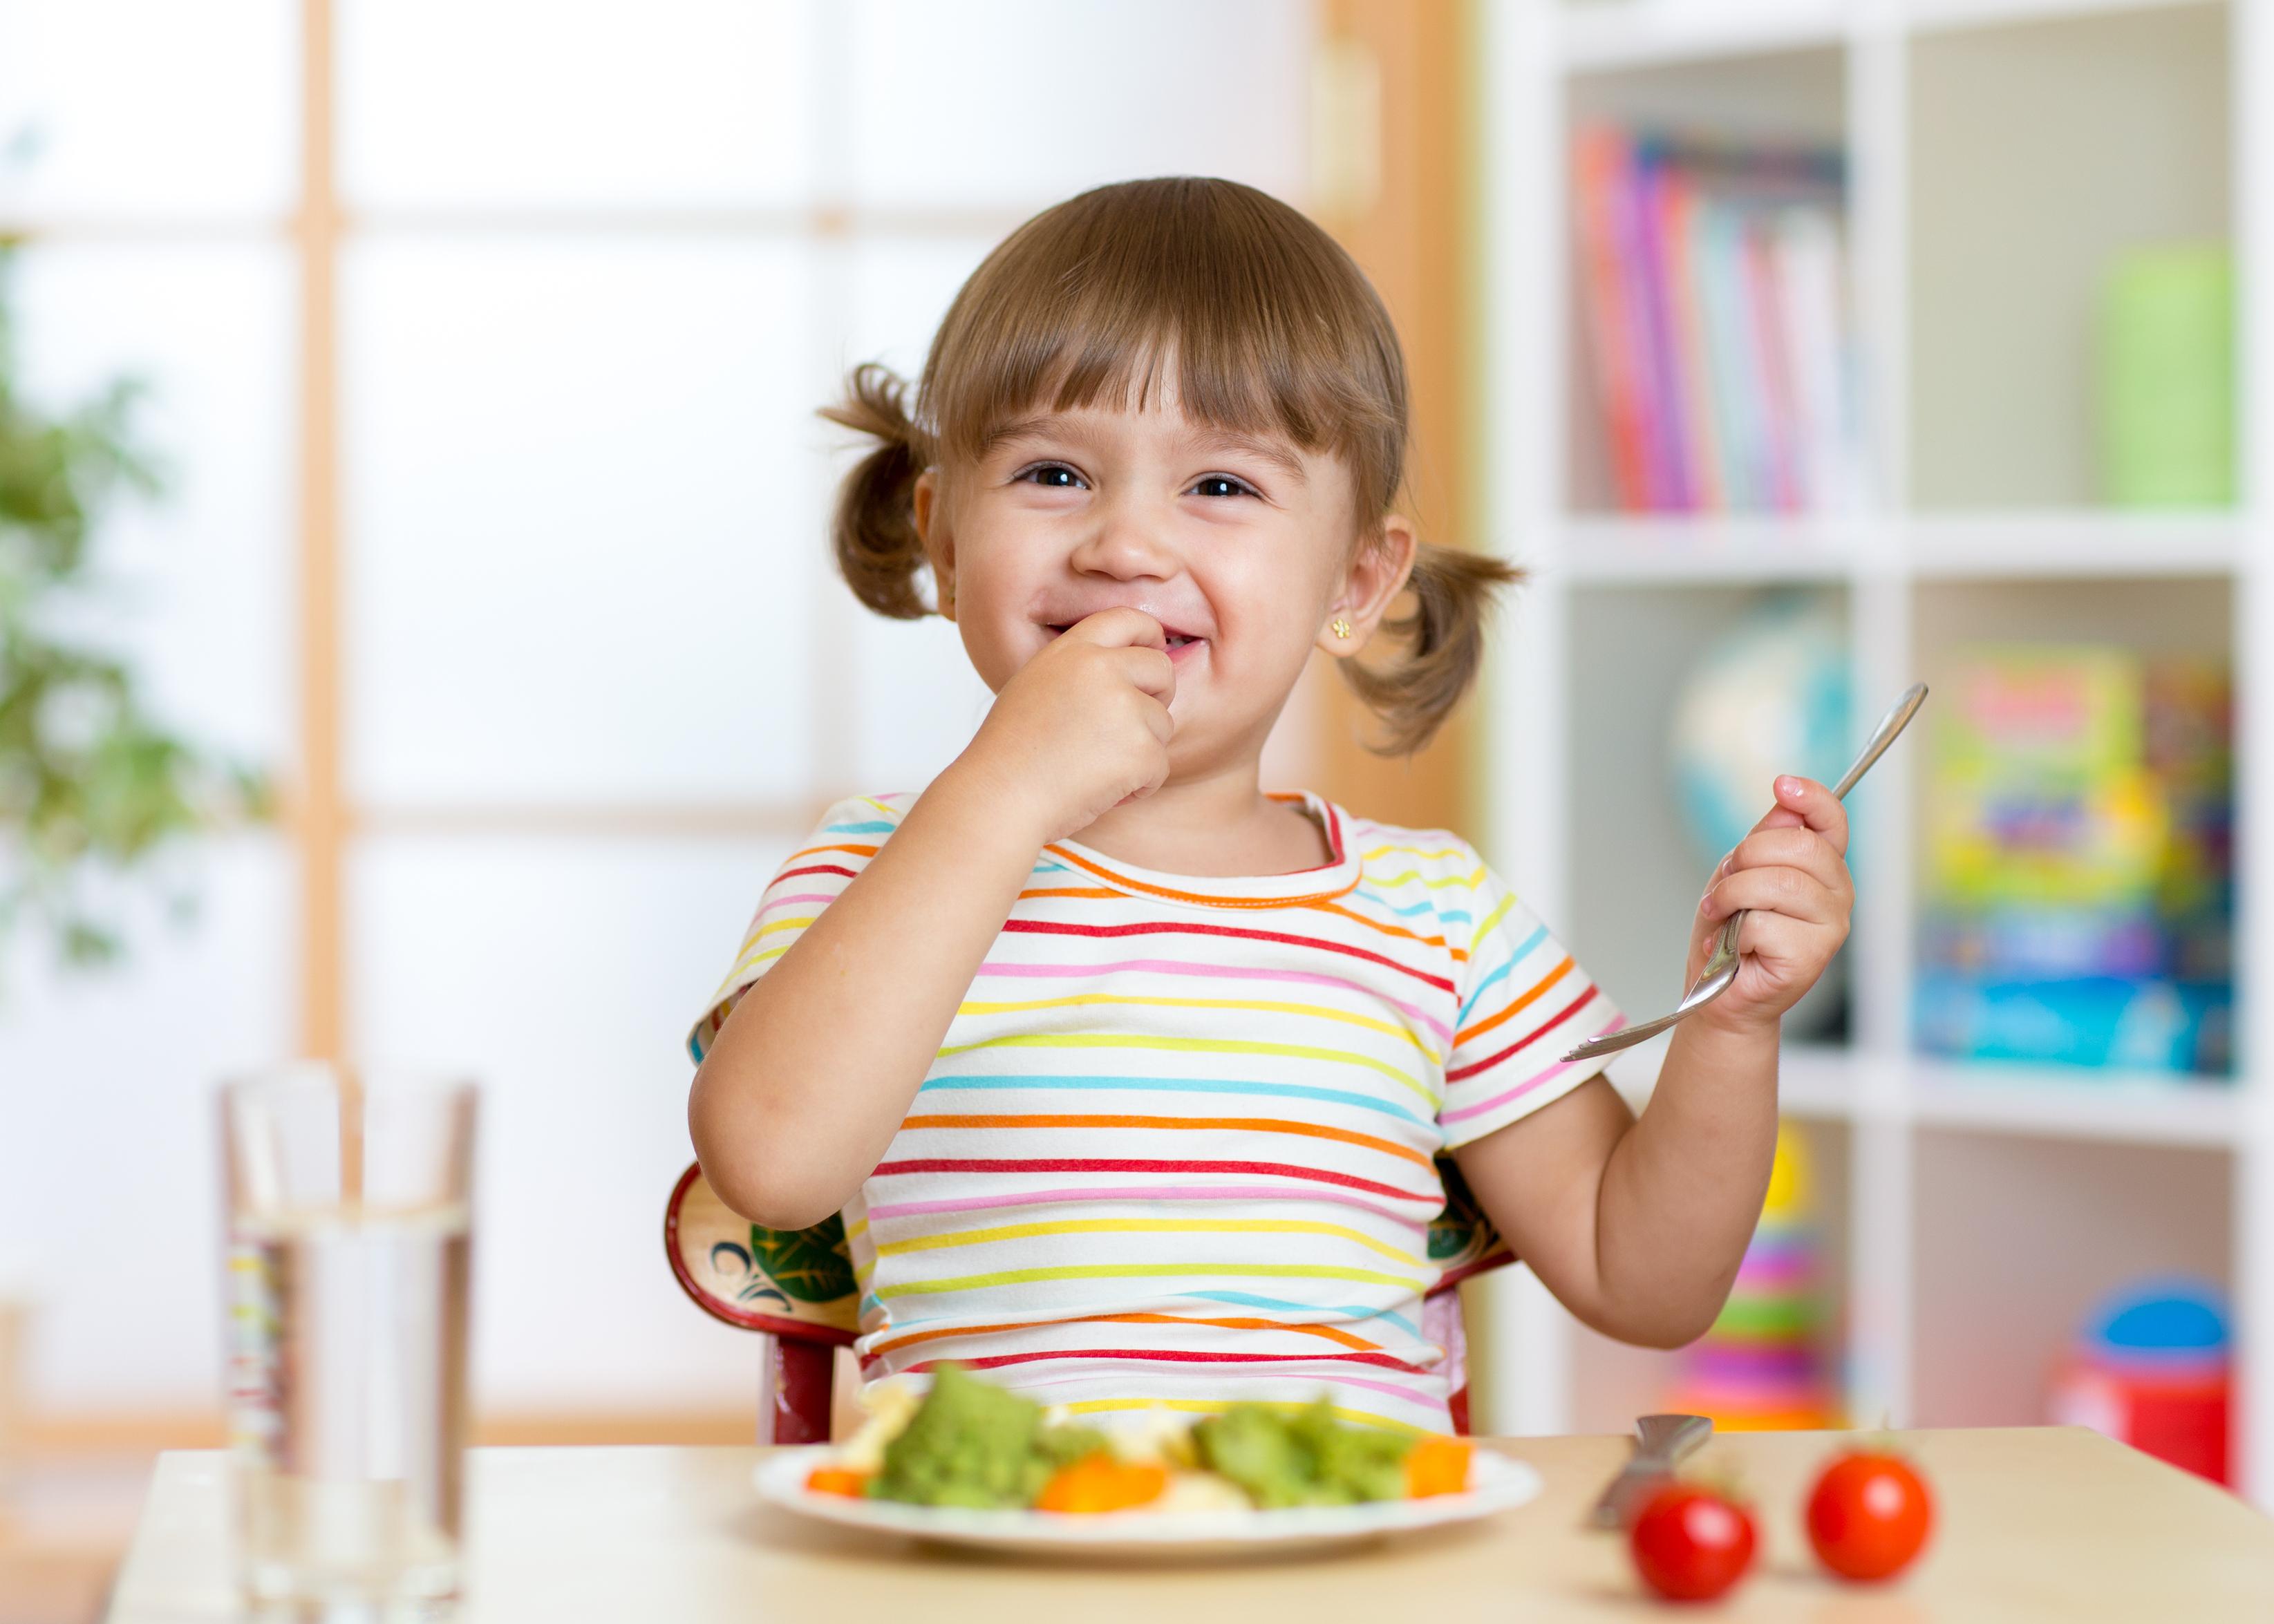 A alimentação das crianças nas férias merece cuidado por conta de os pequenos passarem boa parte do tempo em casa, em videogames, brincando ou dormindo.